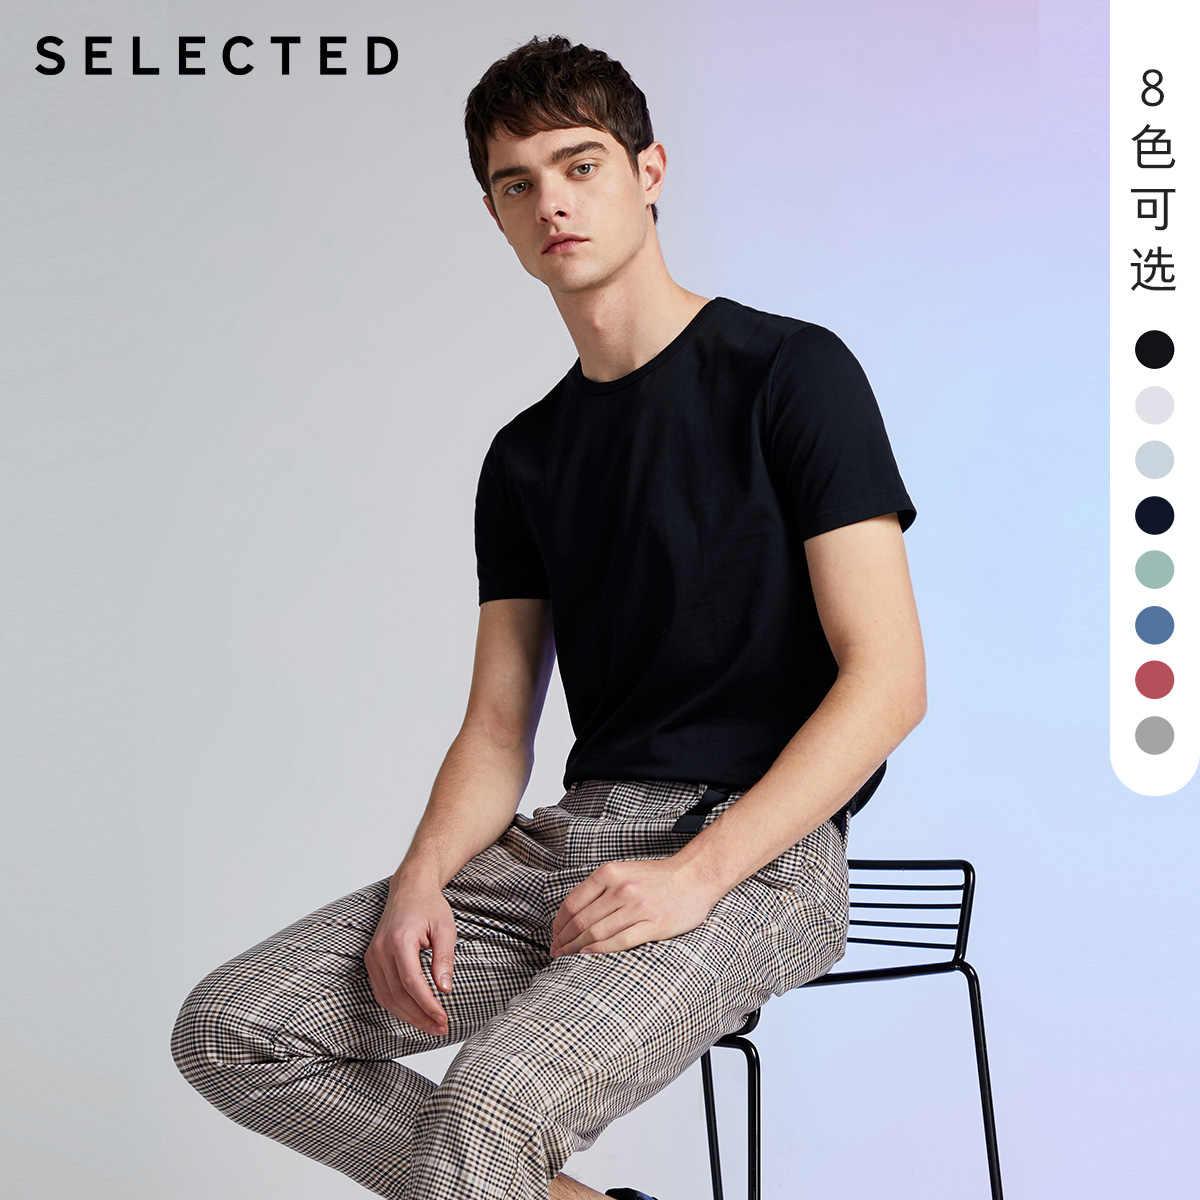 Geselecteerd Mannen 100% Katoen Stretch Gebreide Korte Mouwen T-shirt S | 420201501